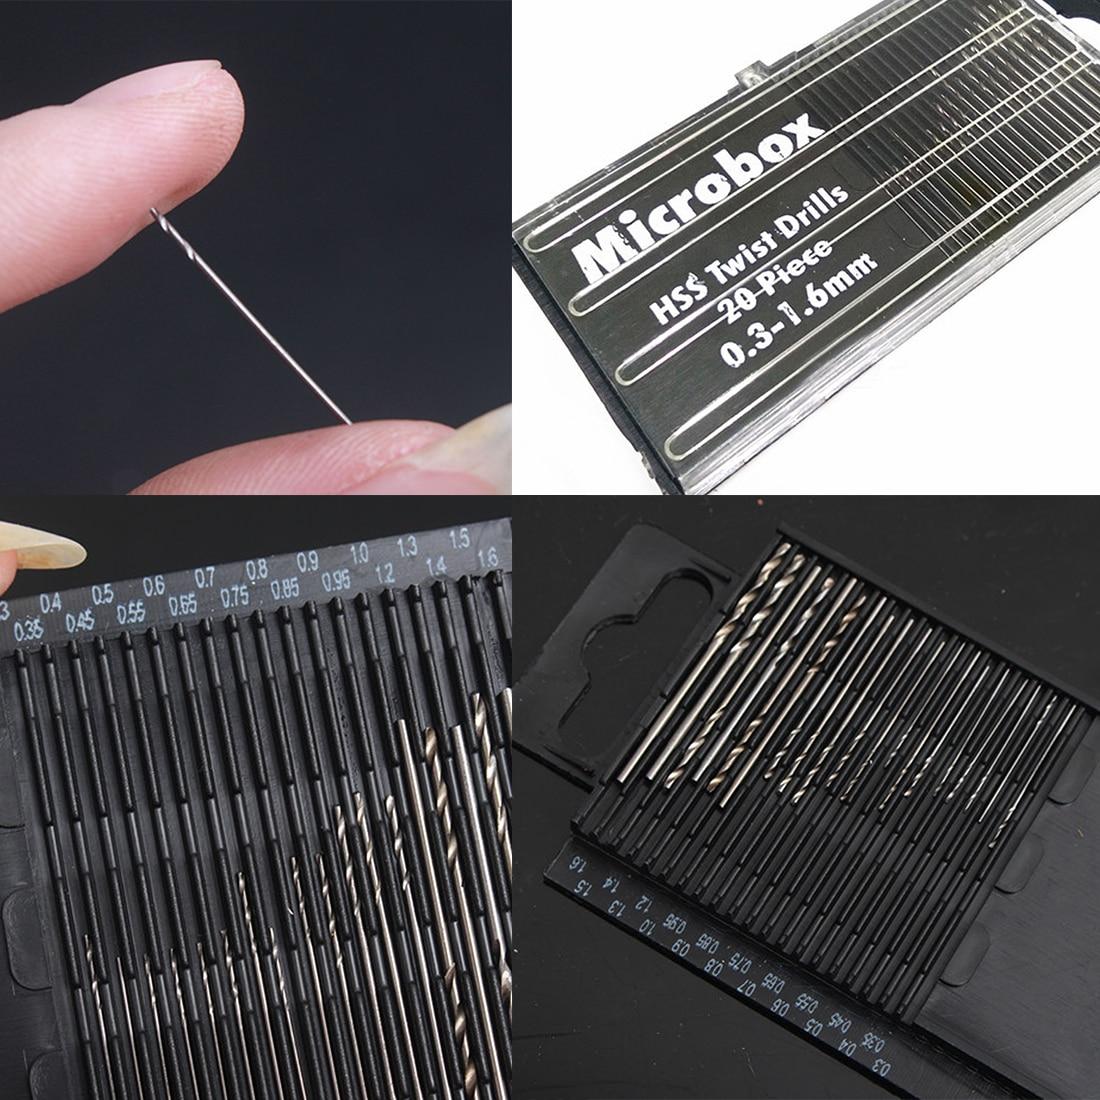 20Pcs Mini Drill Bit High Speed Steel HSS Micro Twist Drill Bit Set 0.3mm-1.6mm Model Craft Woodwork